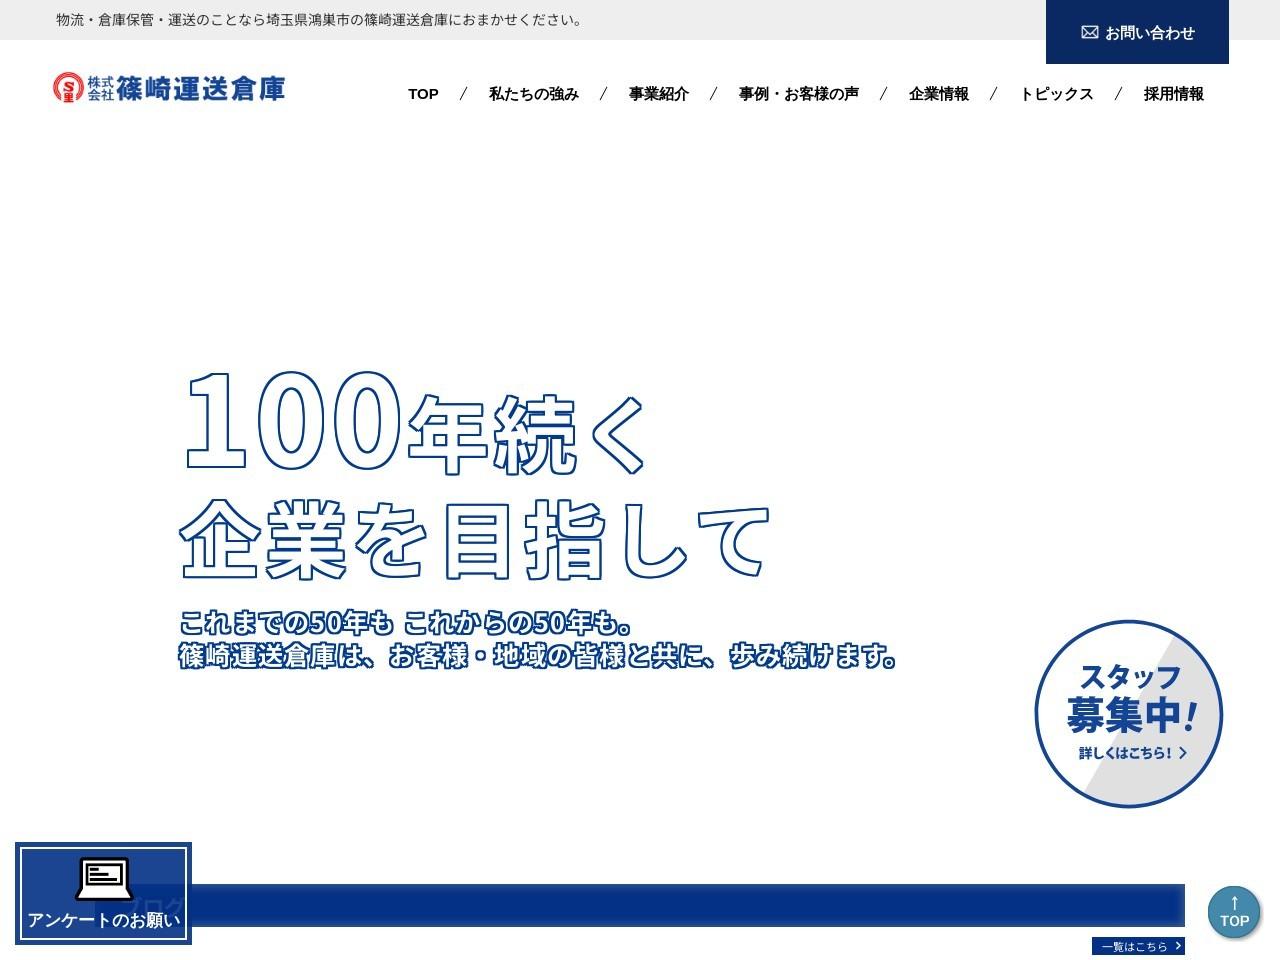 株式会社篠崎運送倉庫